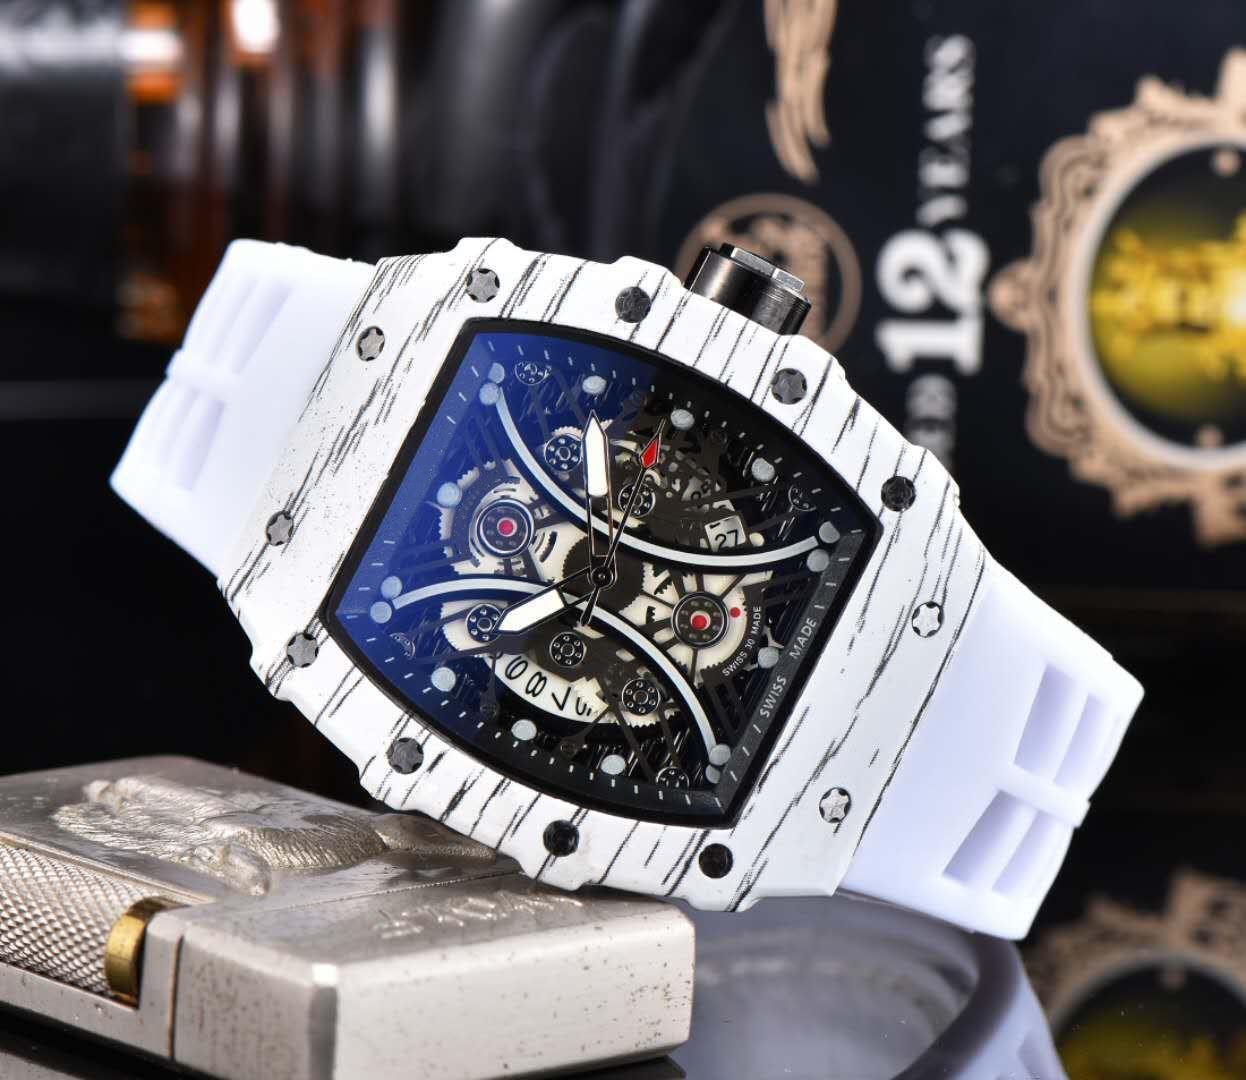 الساعات حركة جديدة كوارتز 2020 مصمم الأزياء الفاخرة الرجال ووتش الفولاذ المقاوم للصدأ العلامة التجارية مع الشريط المطاط ذكر الرياضة المعصم ساعة